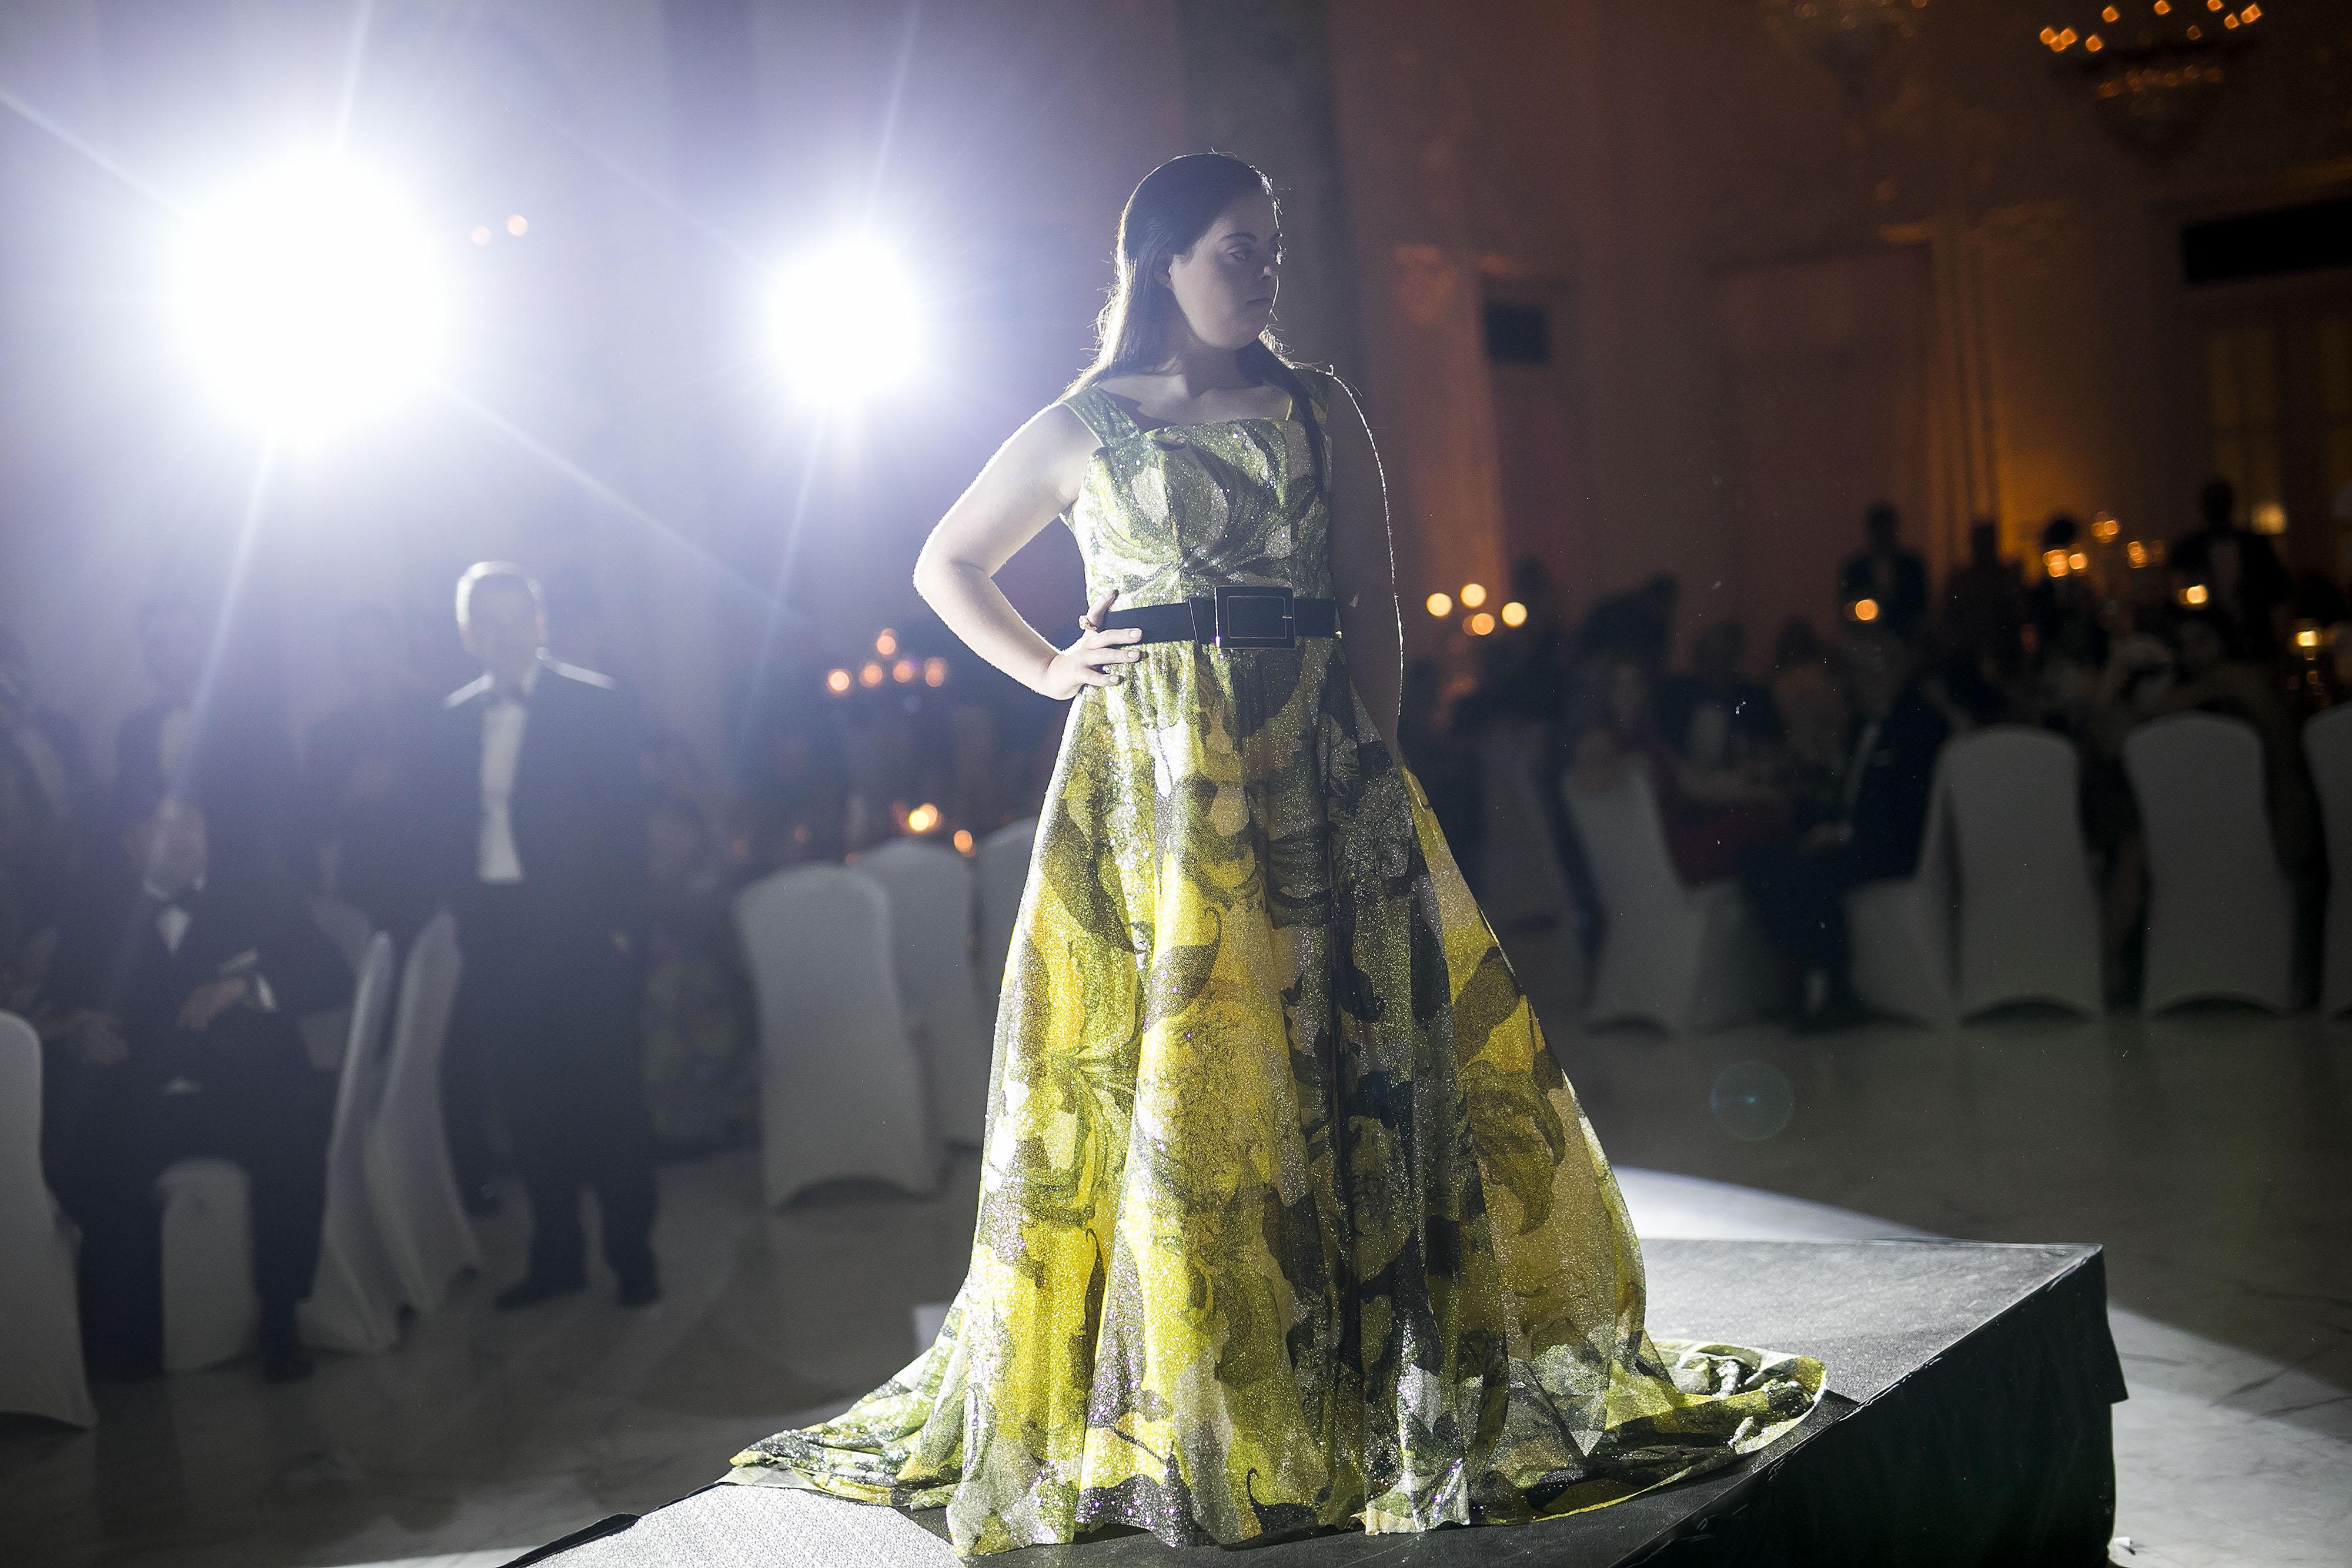 La modelo Dalila Zapata, a quien se le dedicó esta edición de San Juan Moda. Foto Xavier García.